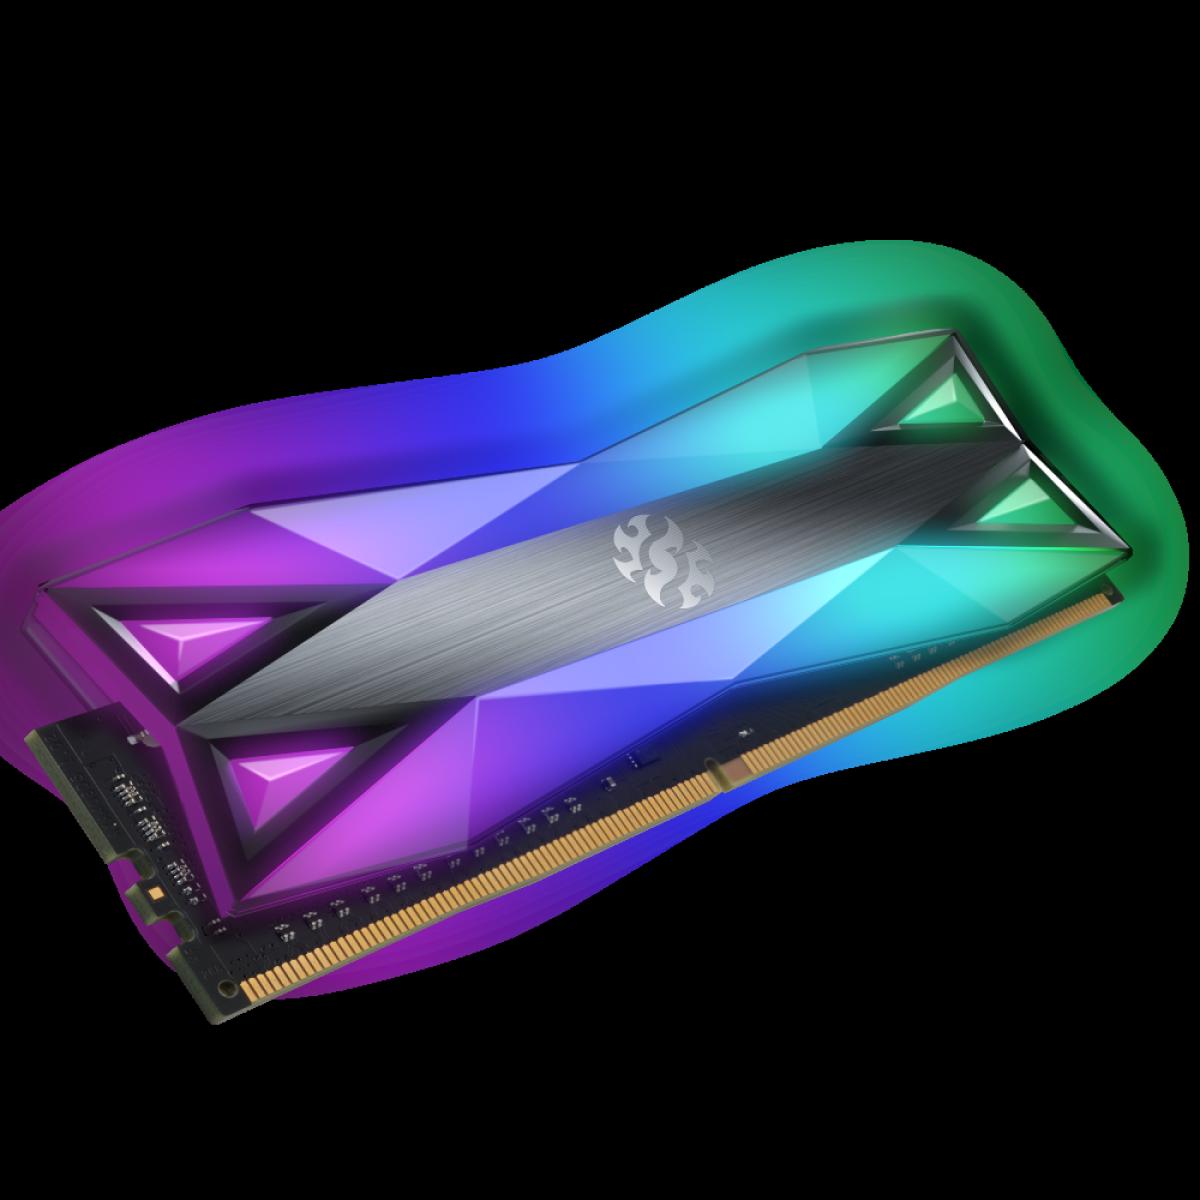 Memória DDR4 XPG Spectrix D60G, 16GB, 3000Mhz, CL16, RGB, Gray, AX4U3000316G16A-ST60